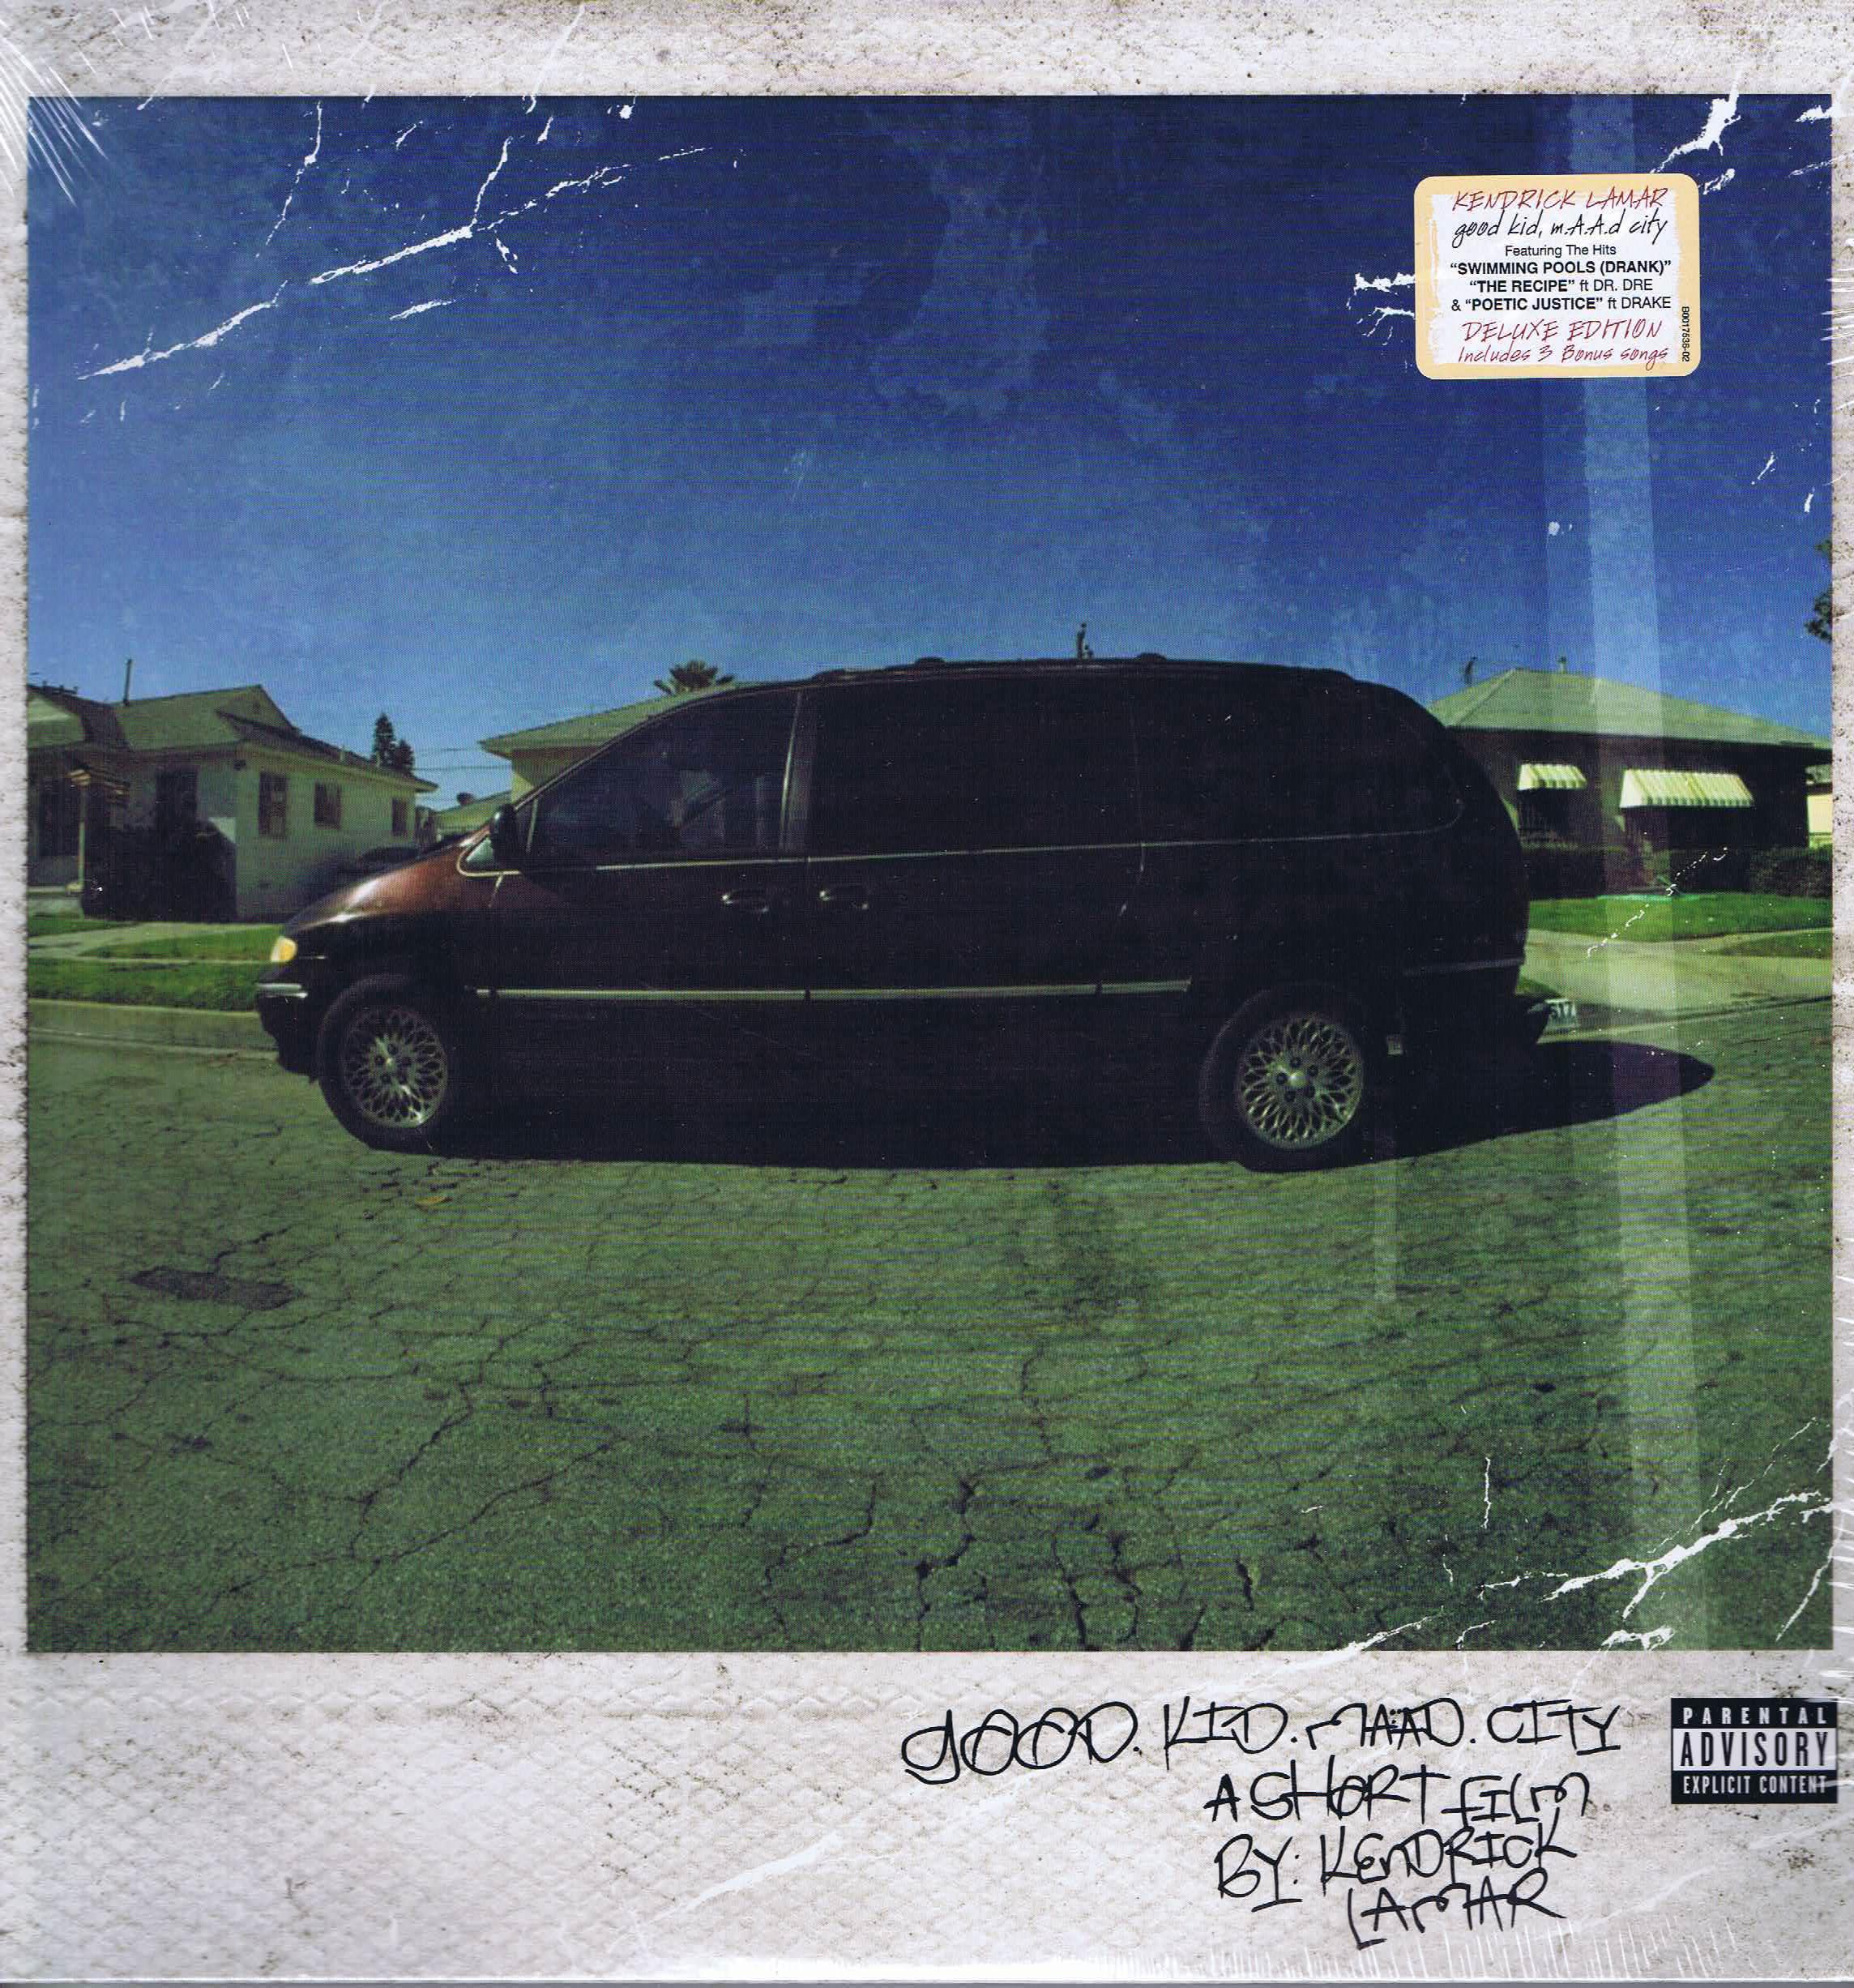 Kendrick Lamar Flac Comraie